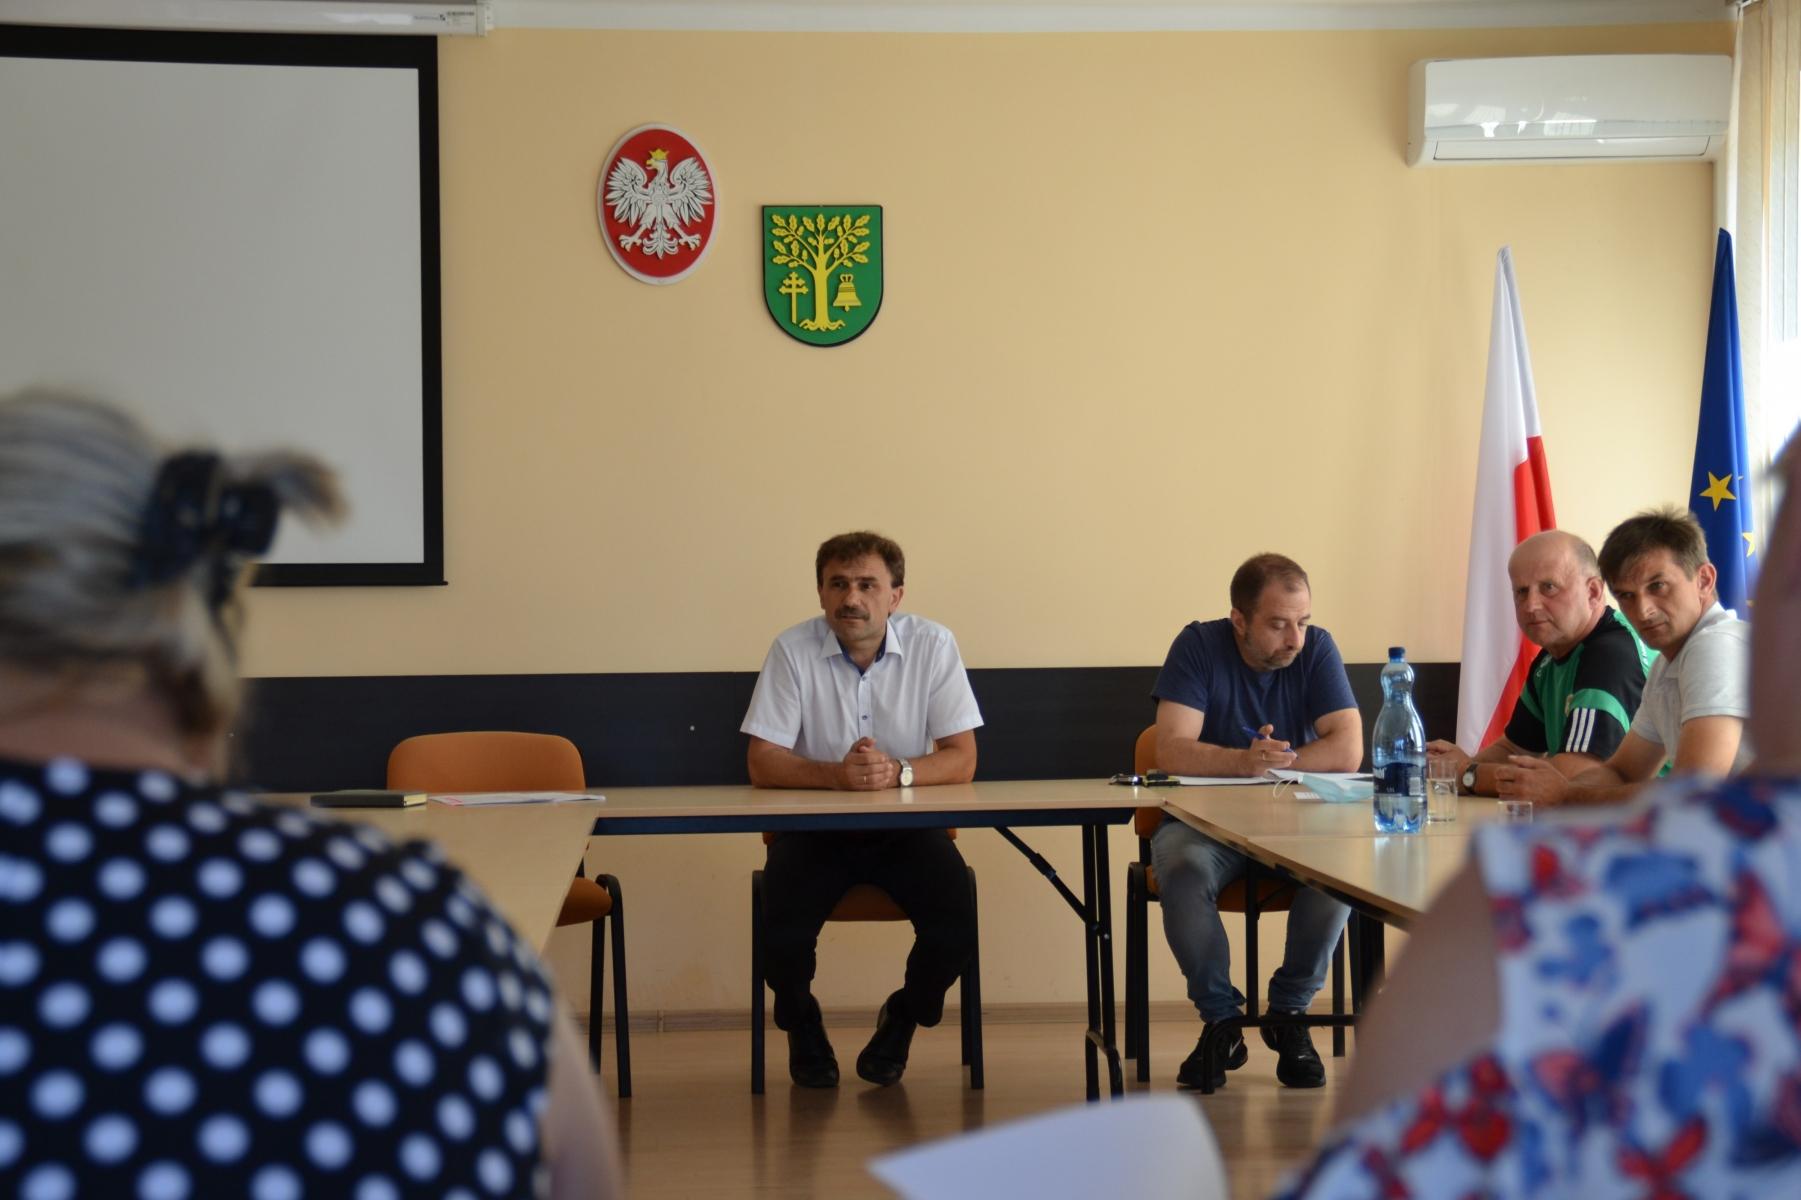 Spotkanie sołtysów z Wójtem gminy Malanów   - fot. UG Malanów